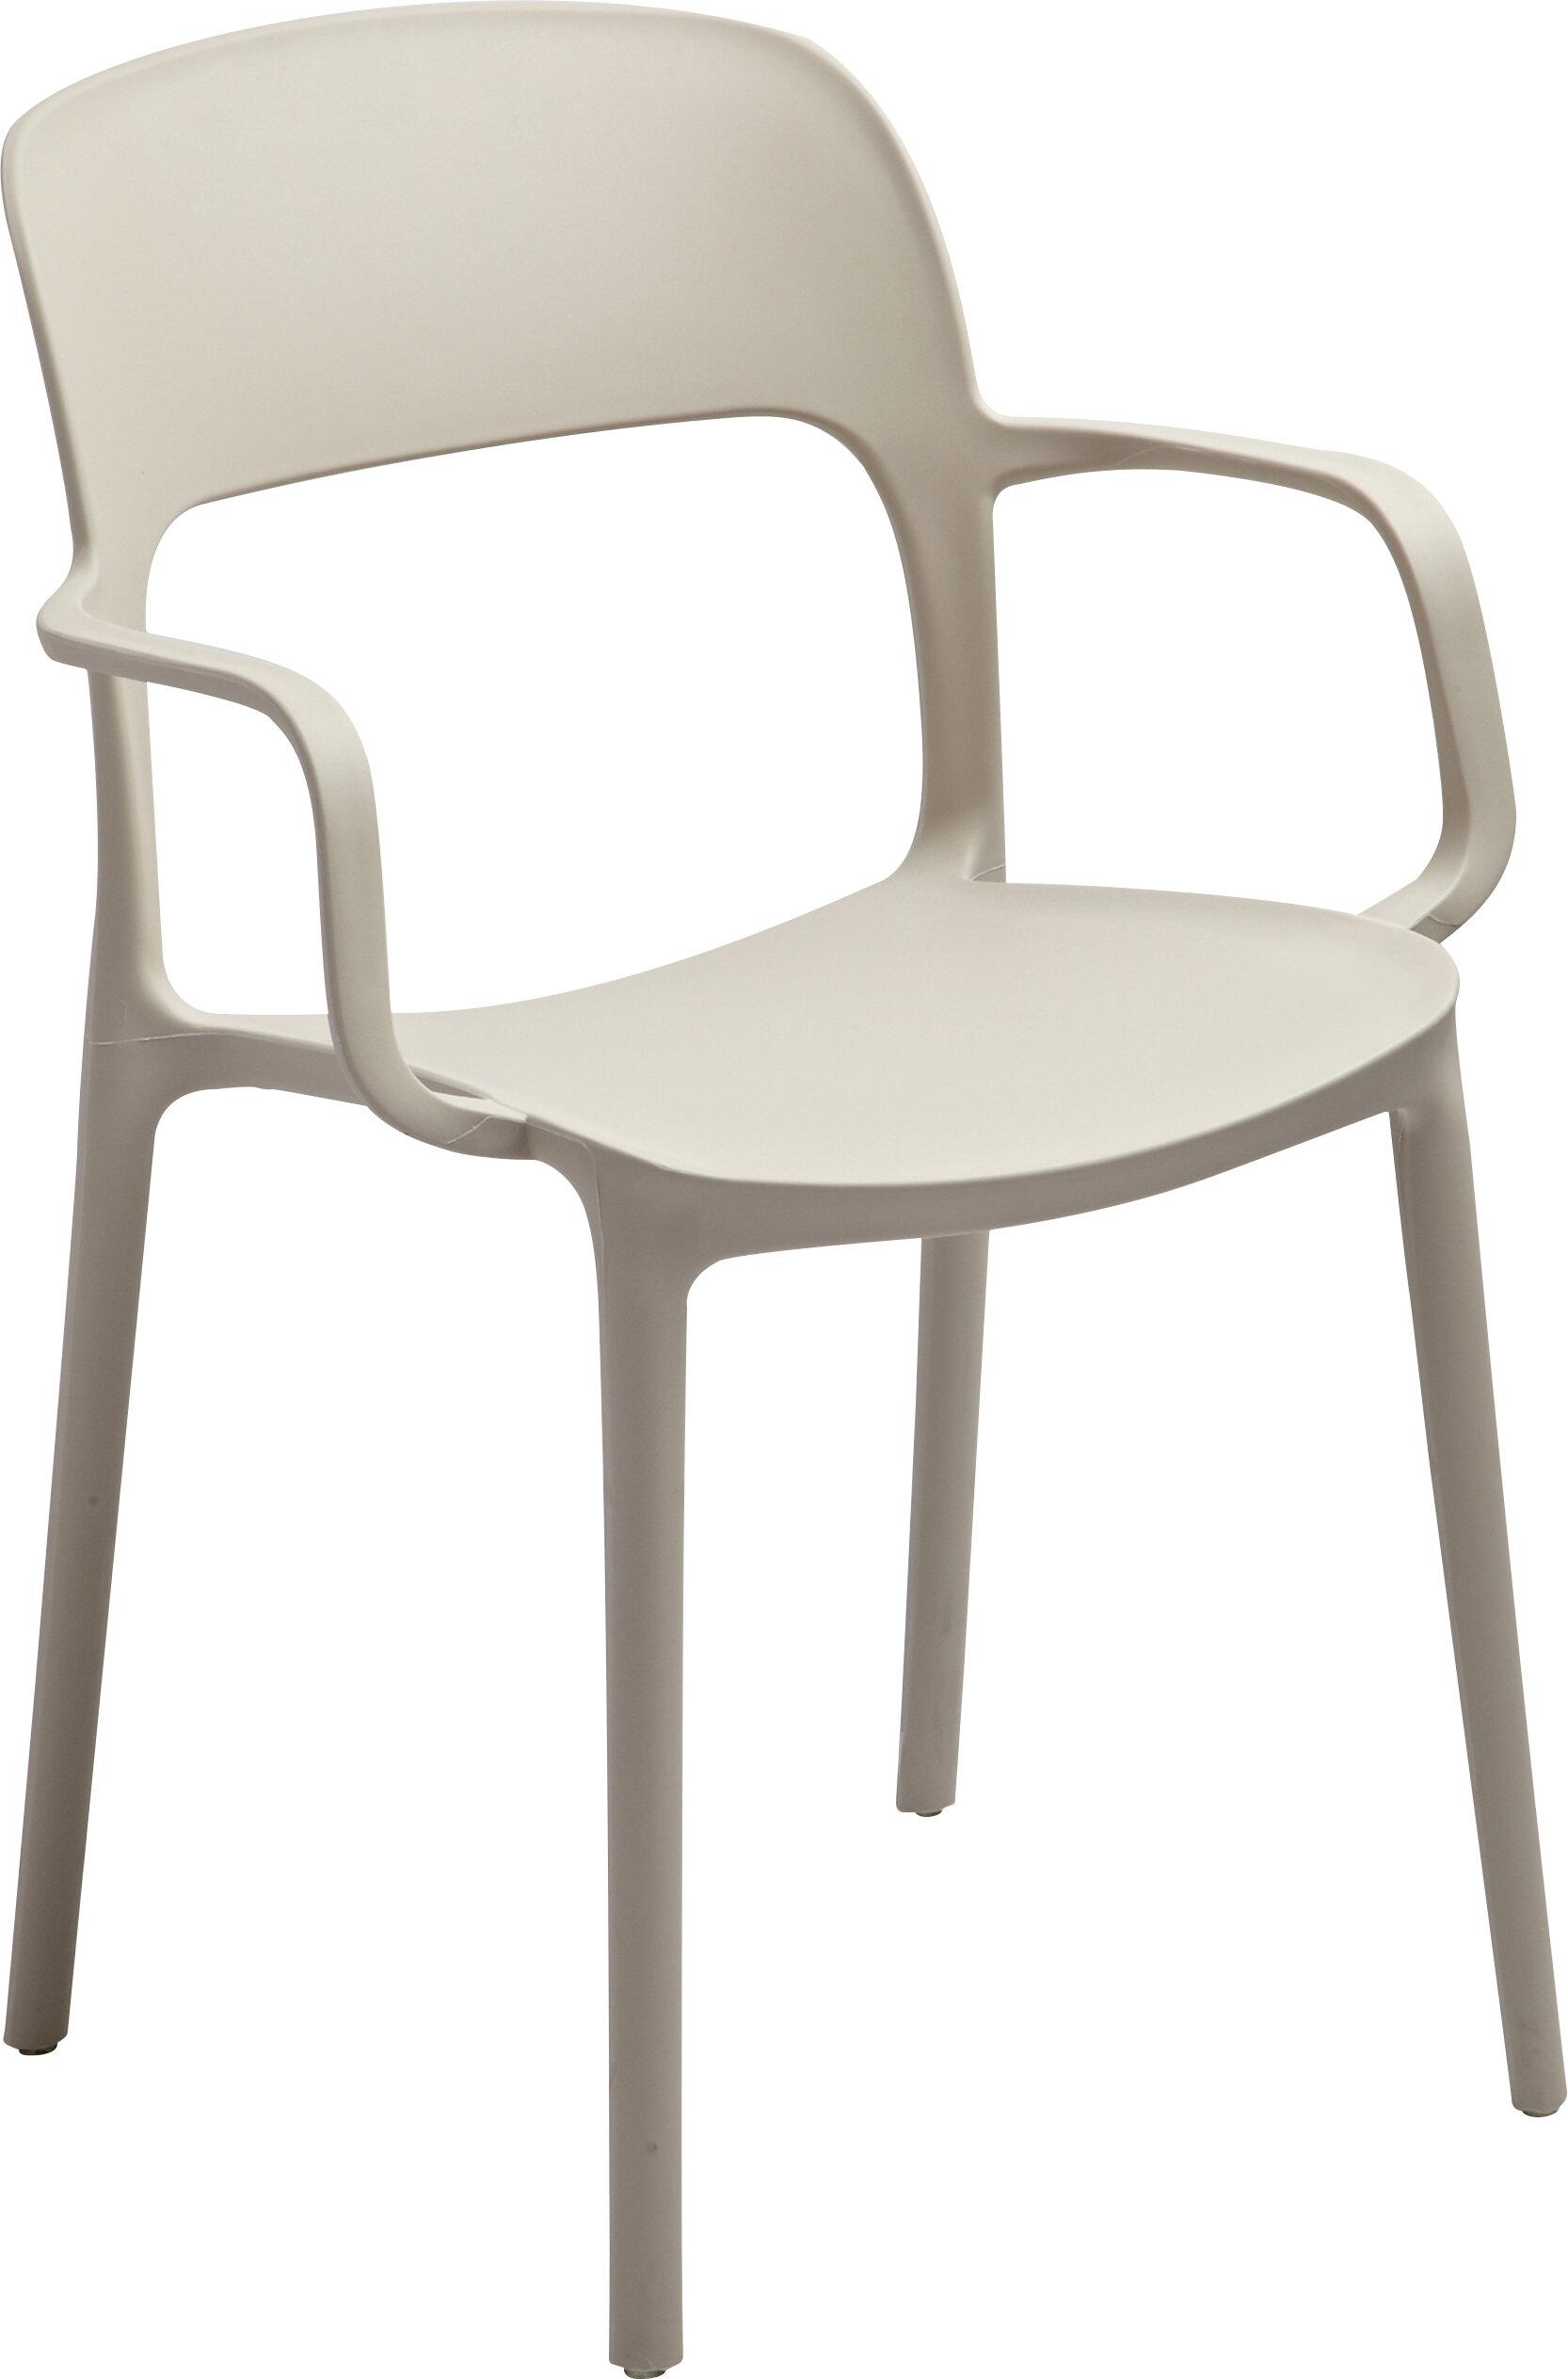 sc 1 st  Wayfair & Gold Sparrow Jason Arm Chair | Wayfair